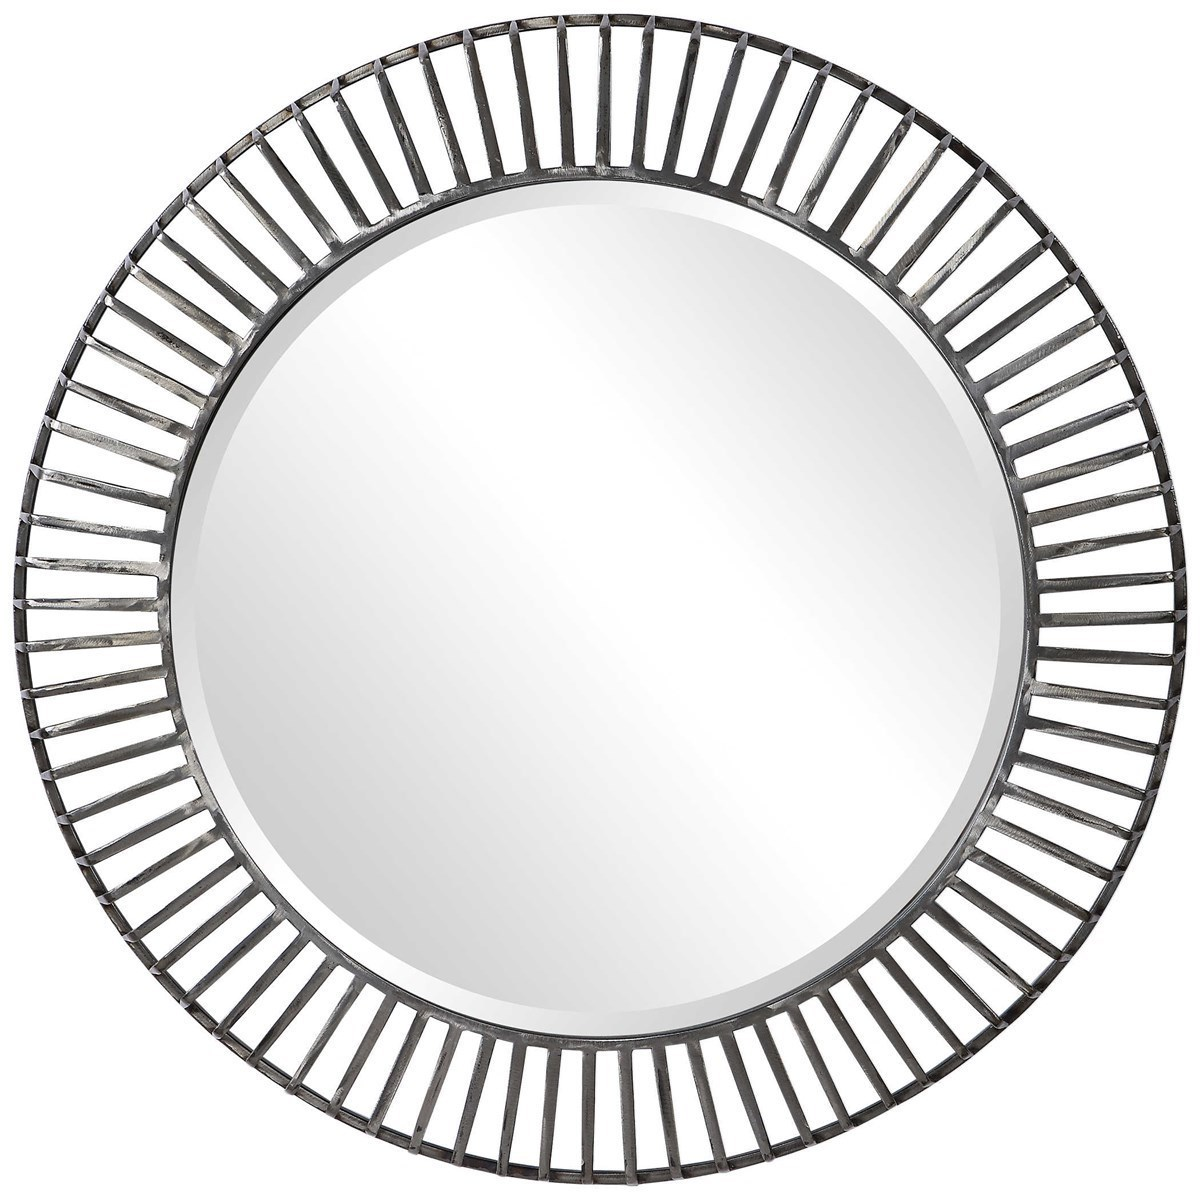 Mirrors - Round Schwartz Metal Round Mirror by Uttermost at Miller Waldrop Furniture and Decor